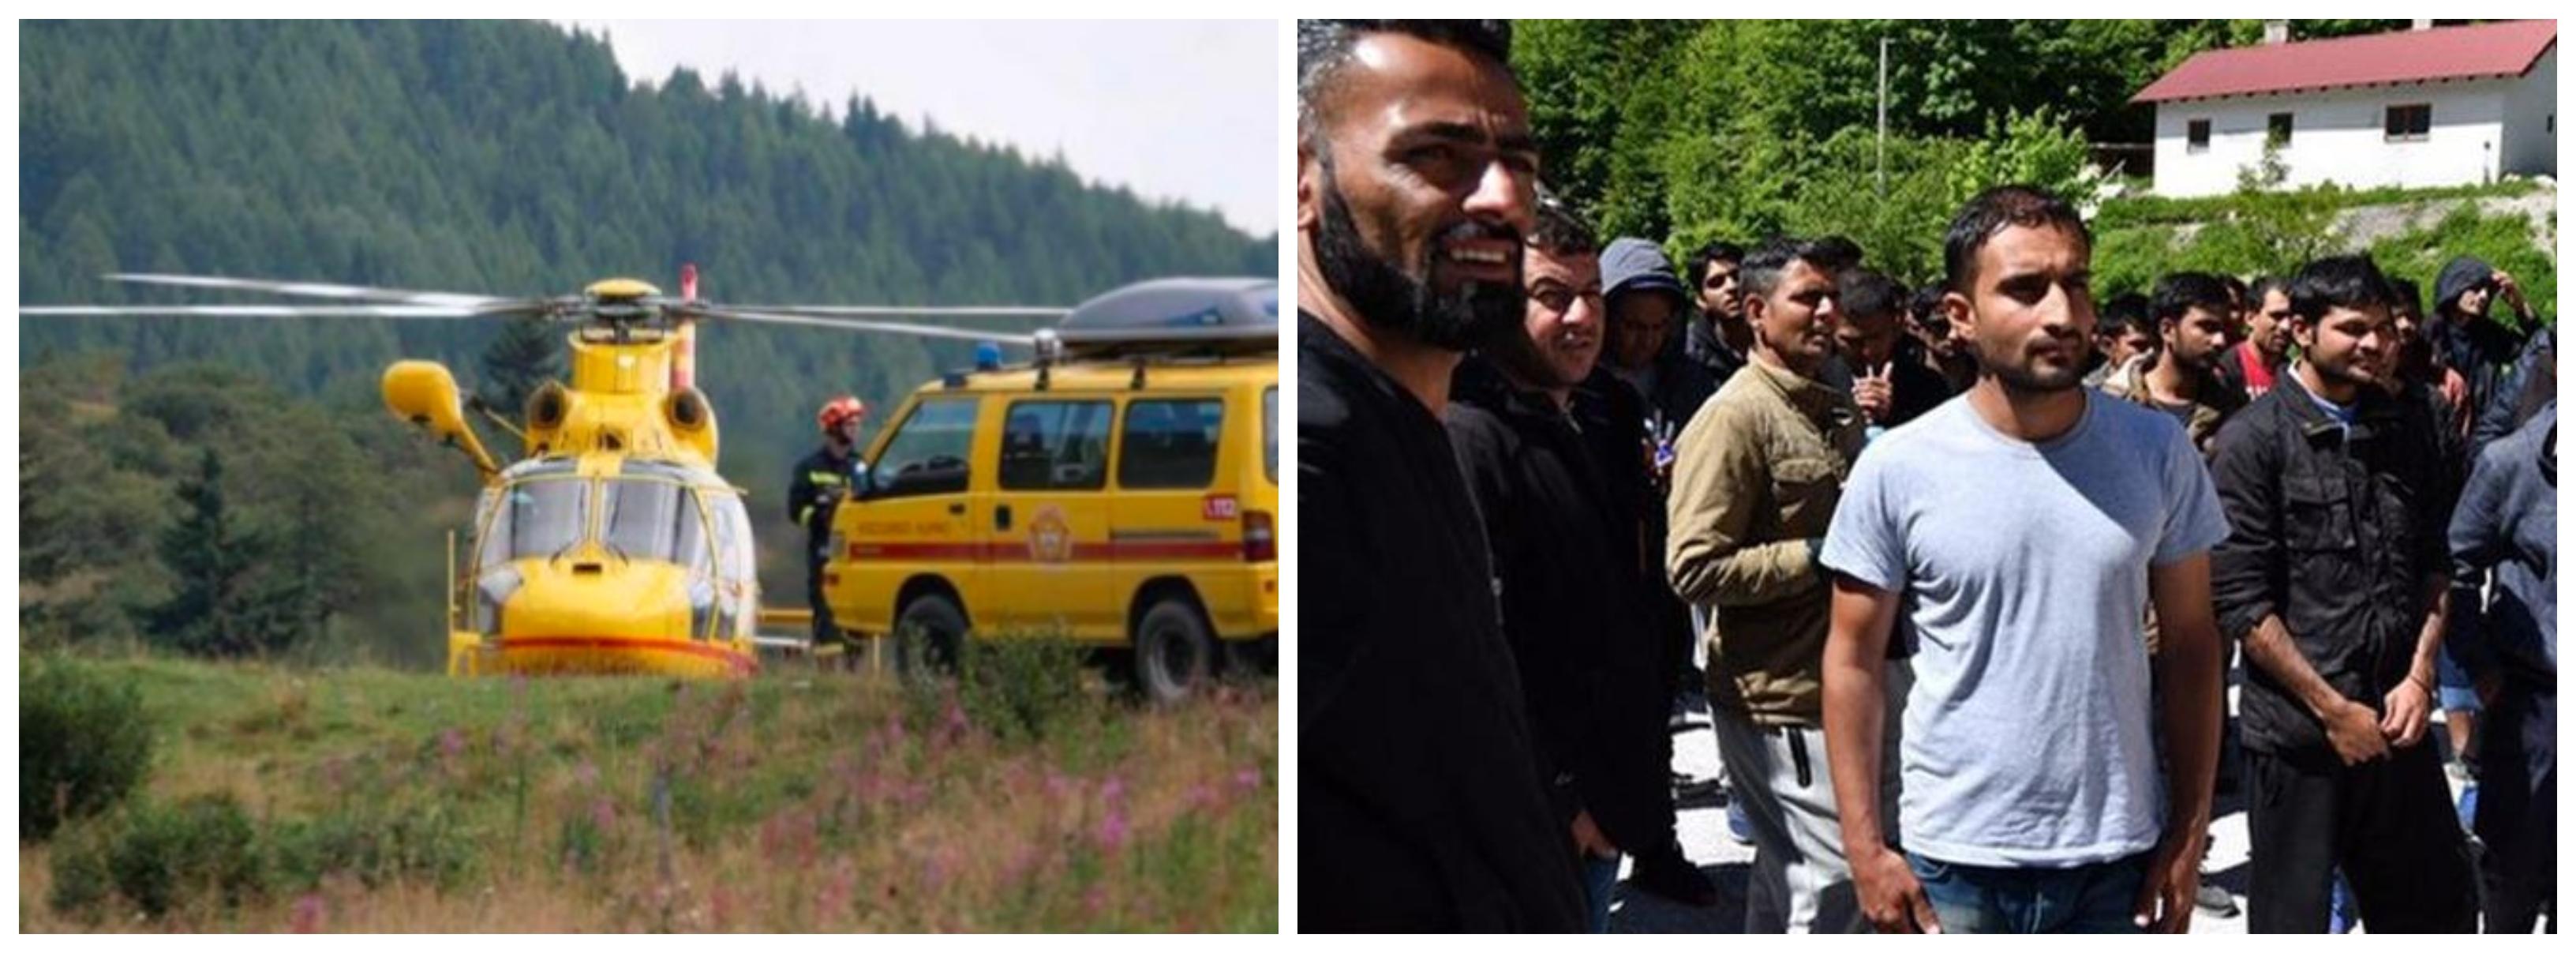 Na prizorišče nesreče prišel tudi helikopter. Druga slika je simbolna. (Foto: Facebook/ Twitter)